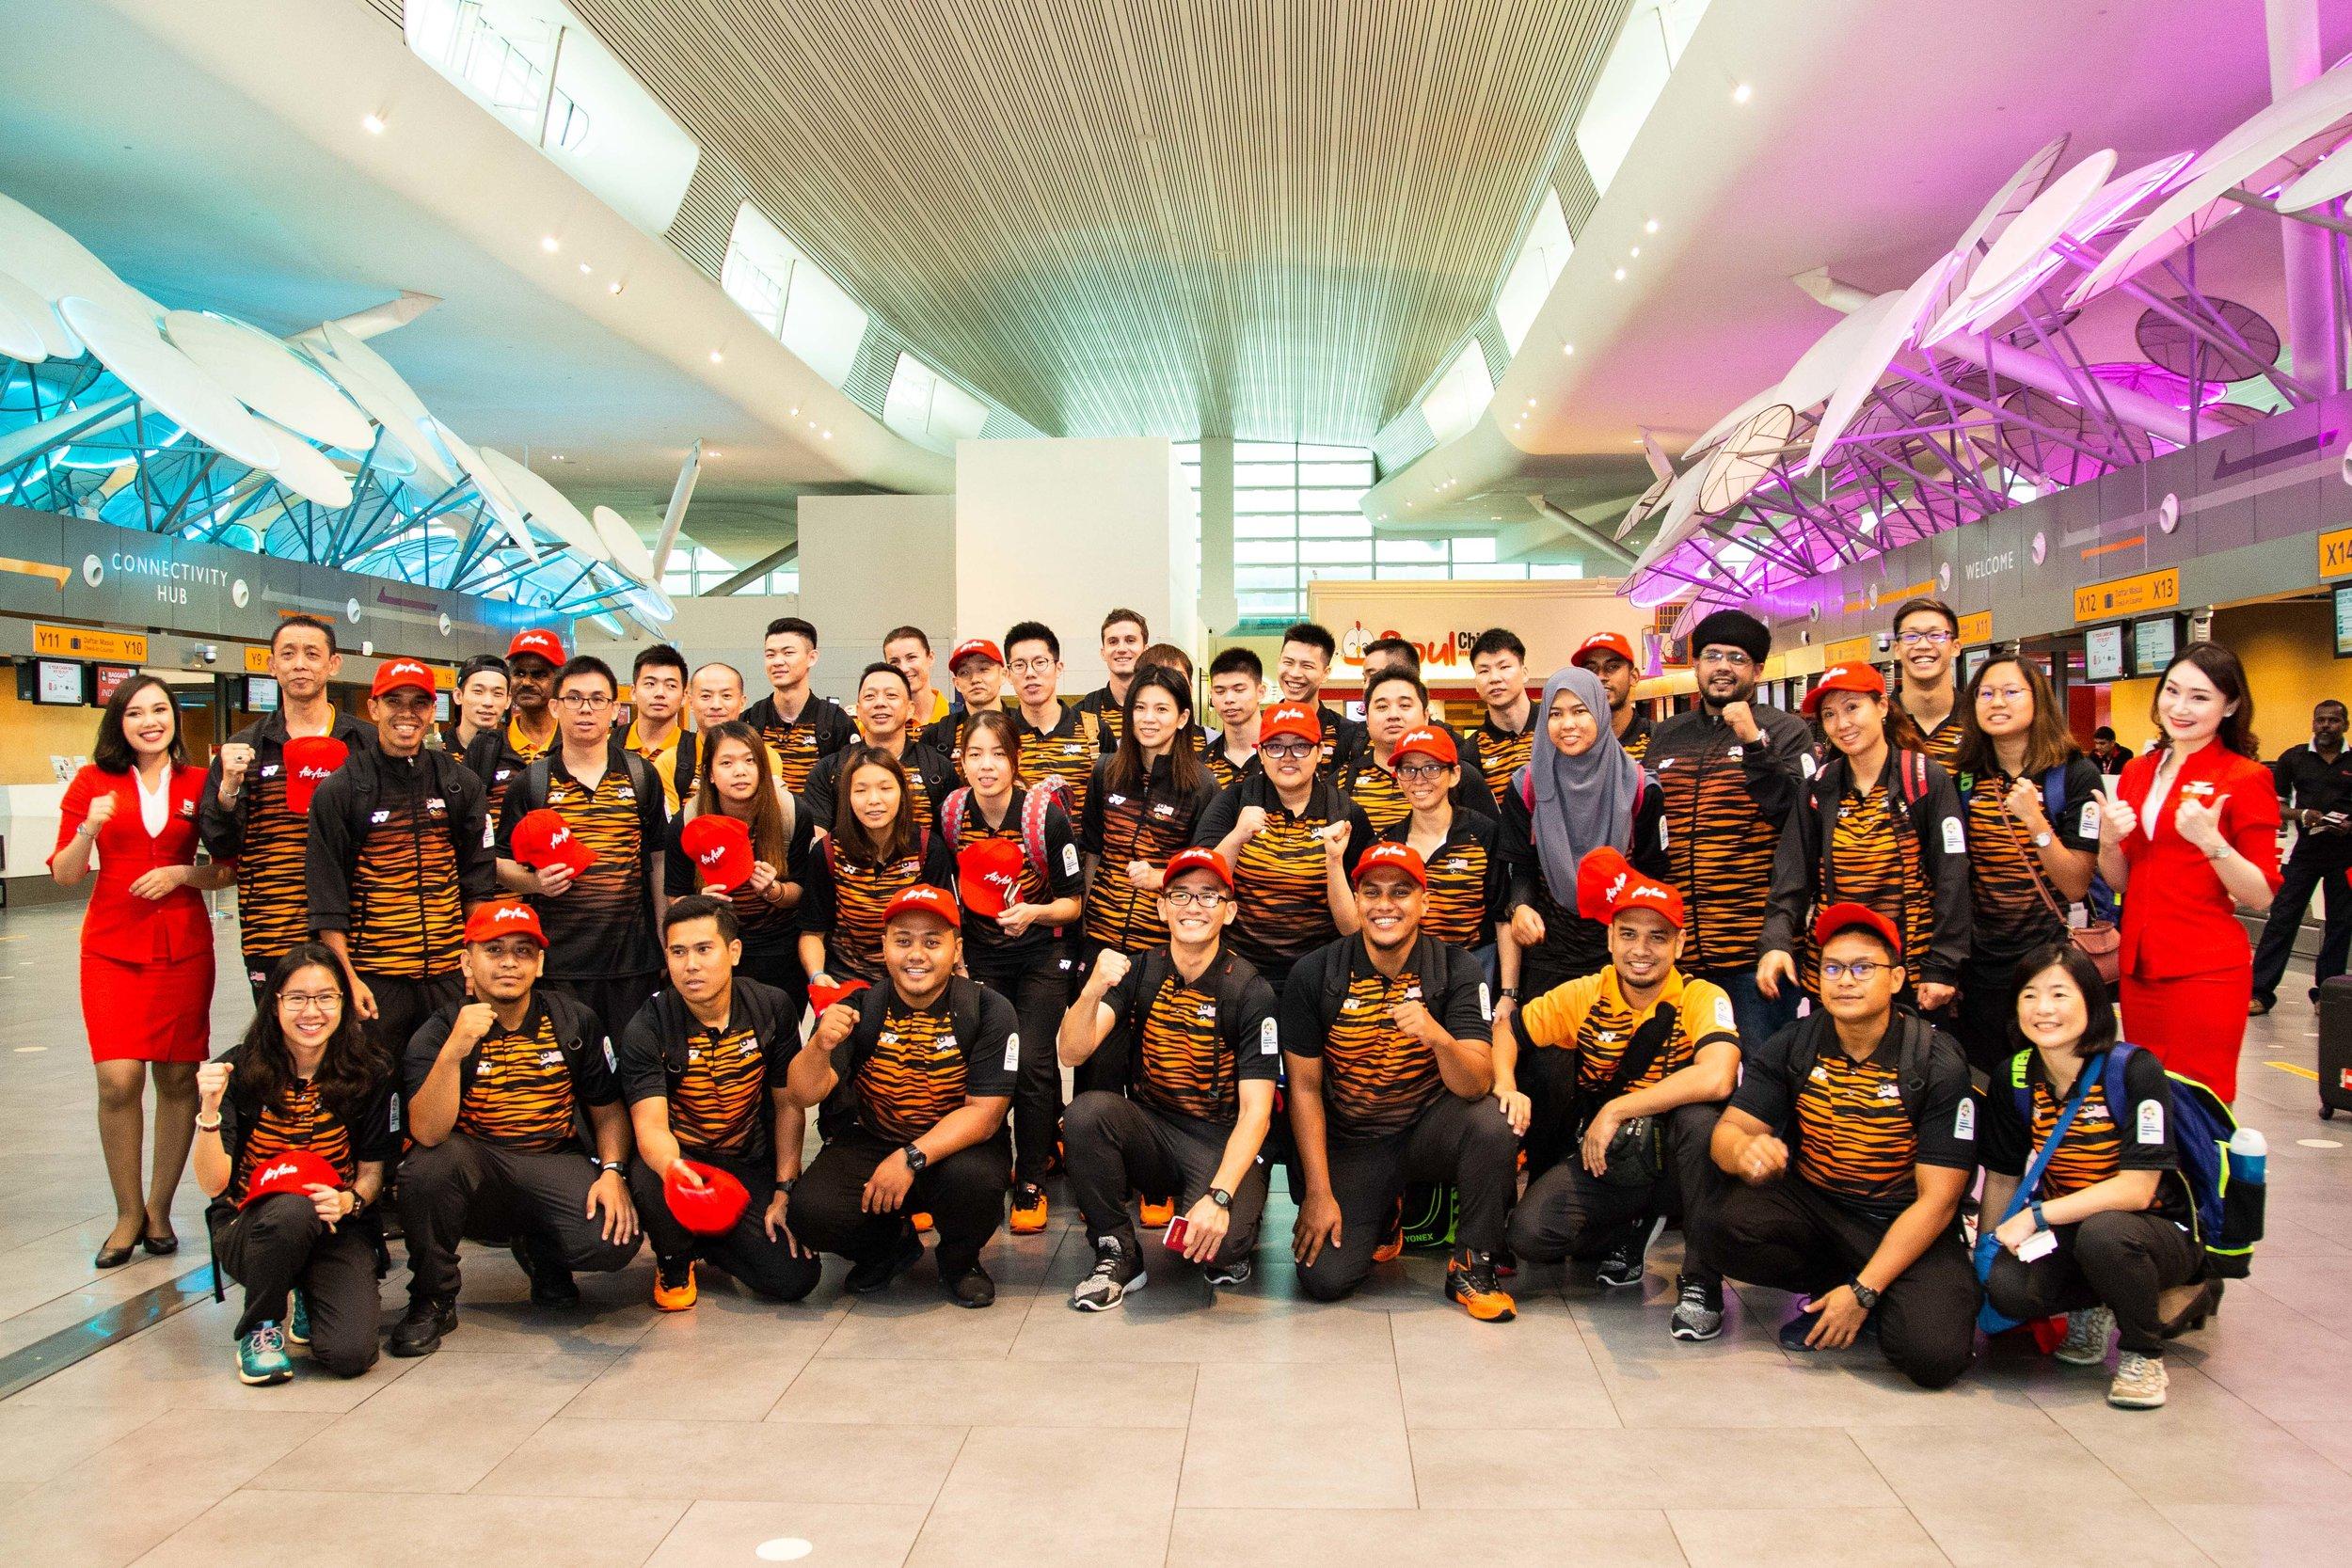 Pemain badminton, atlet renang dan kakitangan perubatan dari Malaysia siap sedia ke Indonesia untuk Sukan Asia 2018.